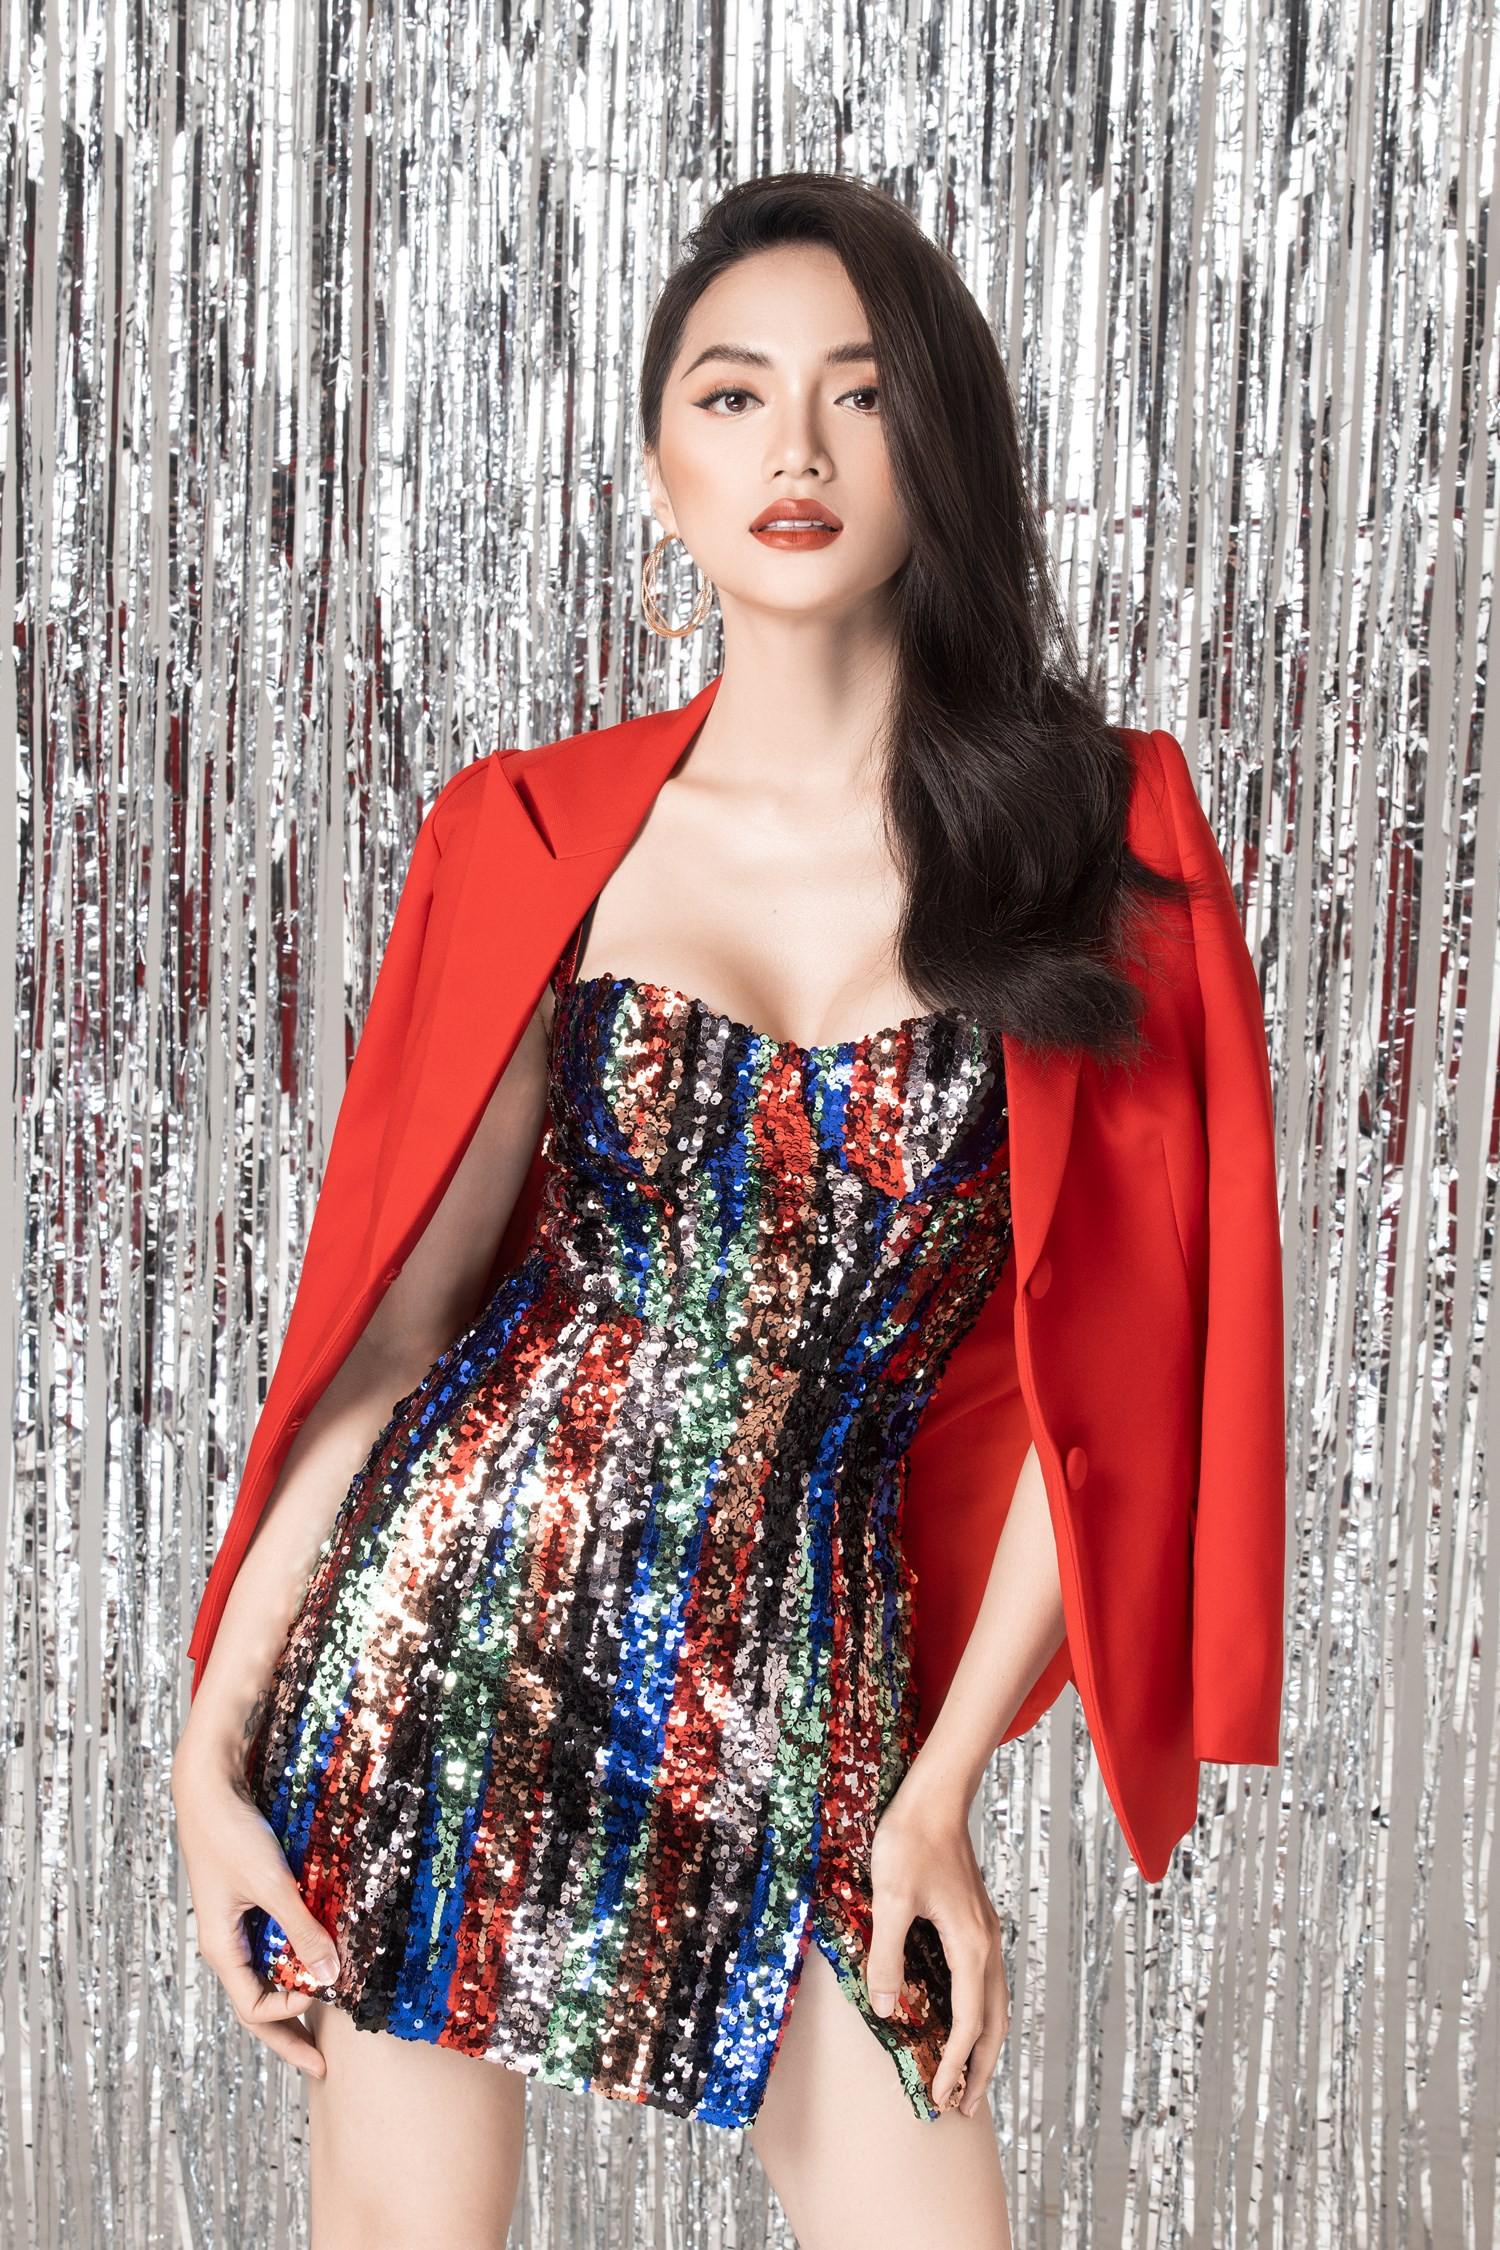 Chinh phục vương miện hoa hậu, Hương Giang lại được mời dự Paris Fashion Week, và cô nàng thực sự xứng đáng! - Ảnh 1.